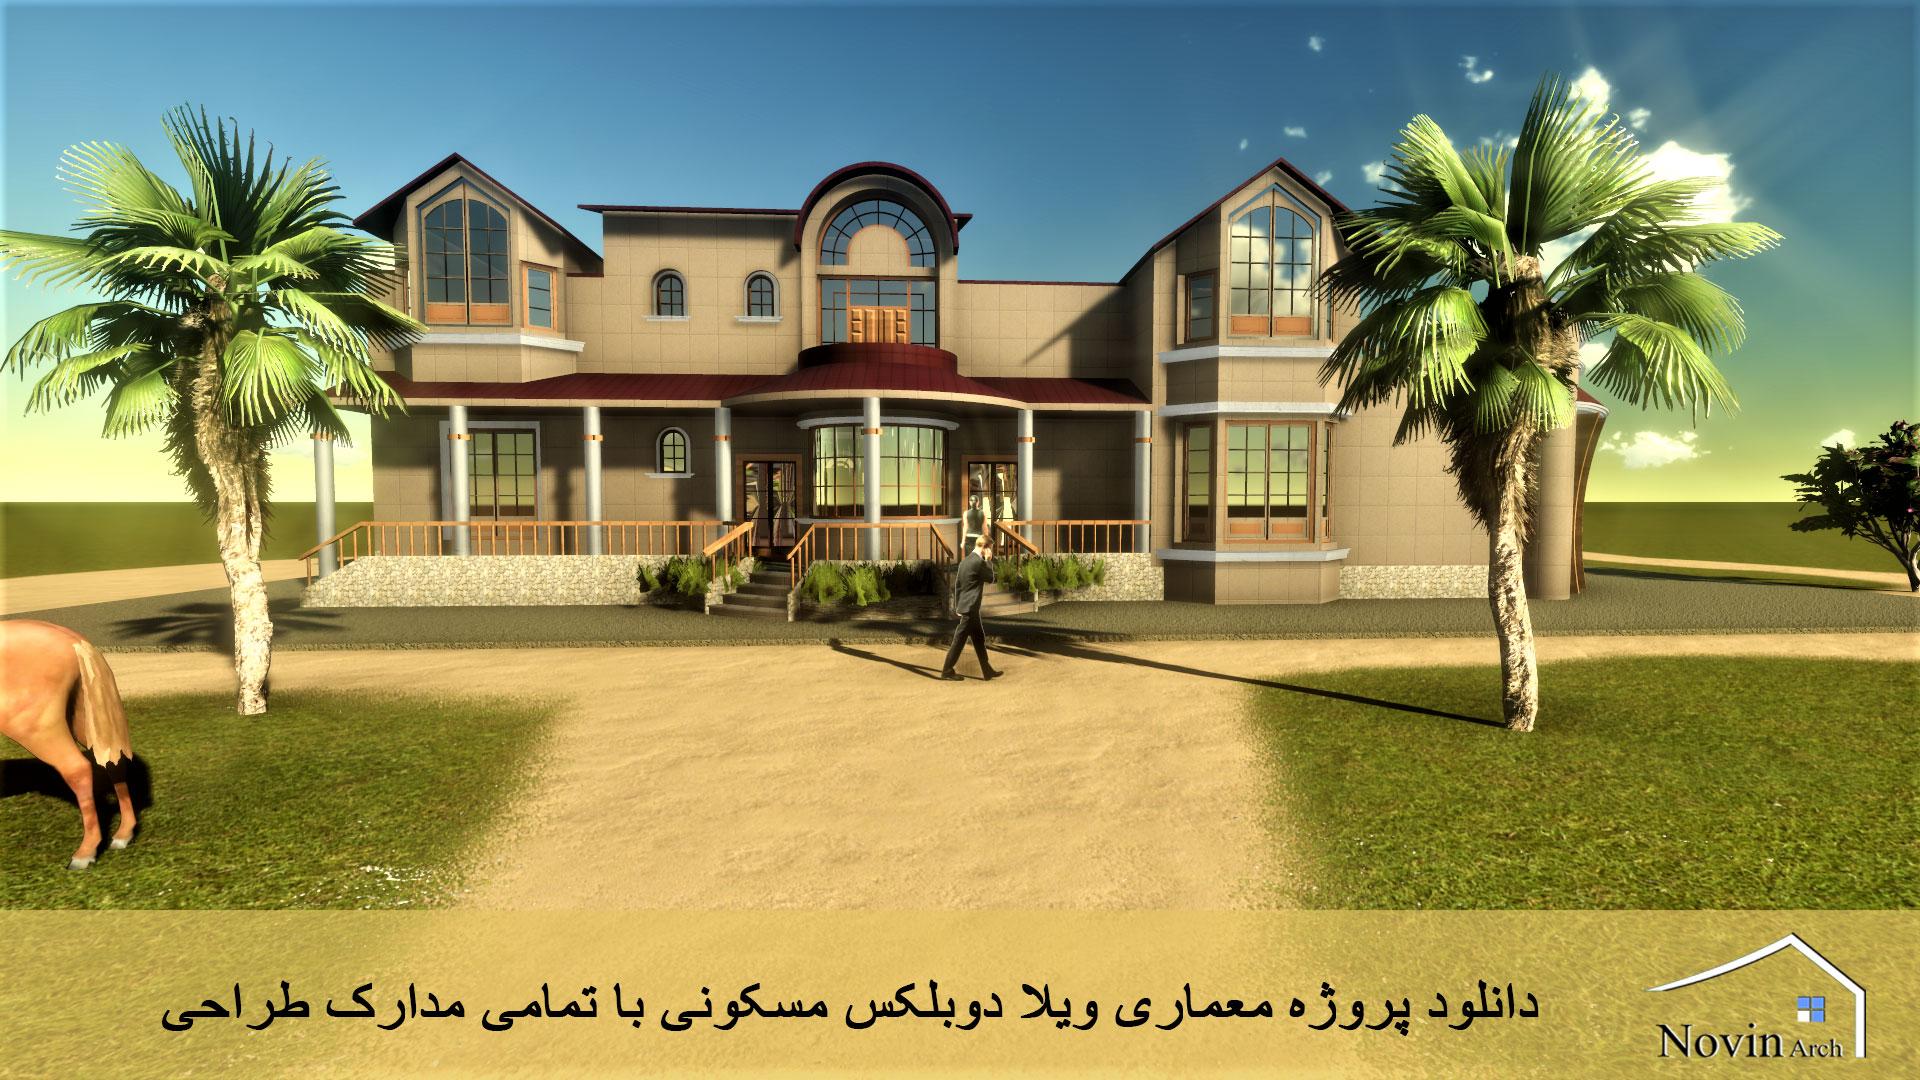 دانلود پروژه معماری ویلا دوبلکس مسکونی با تمامی مدارک طراحی